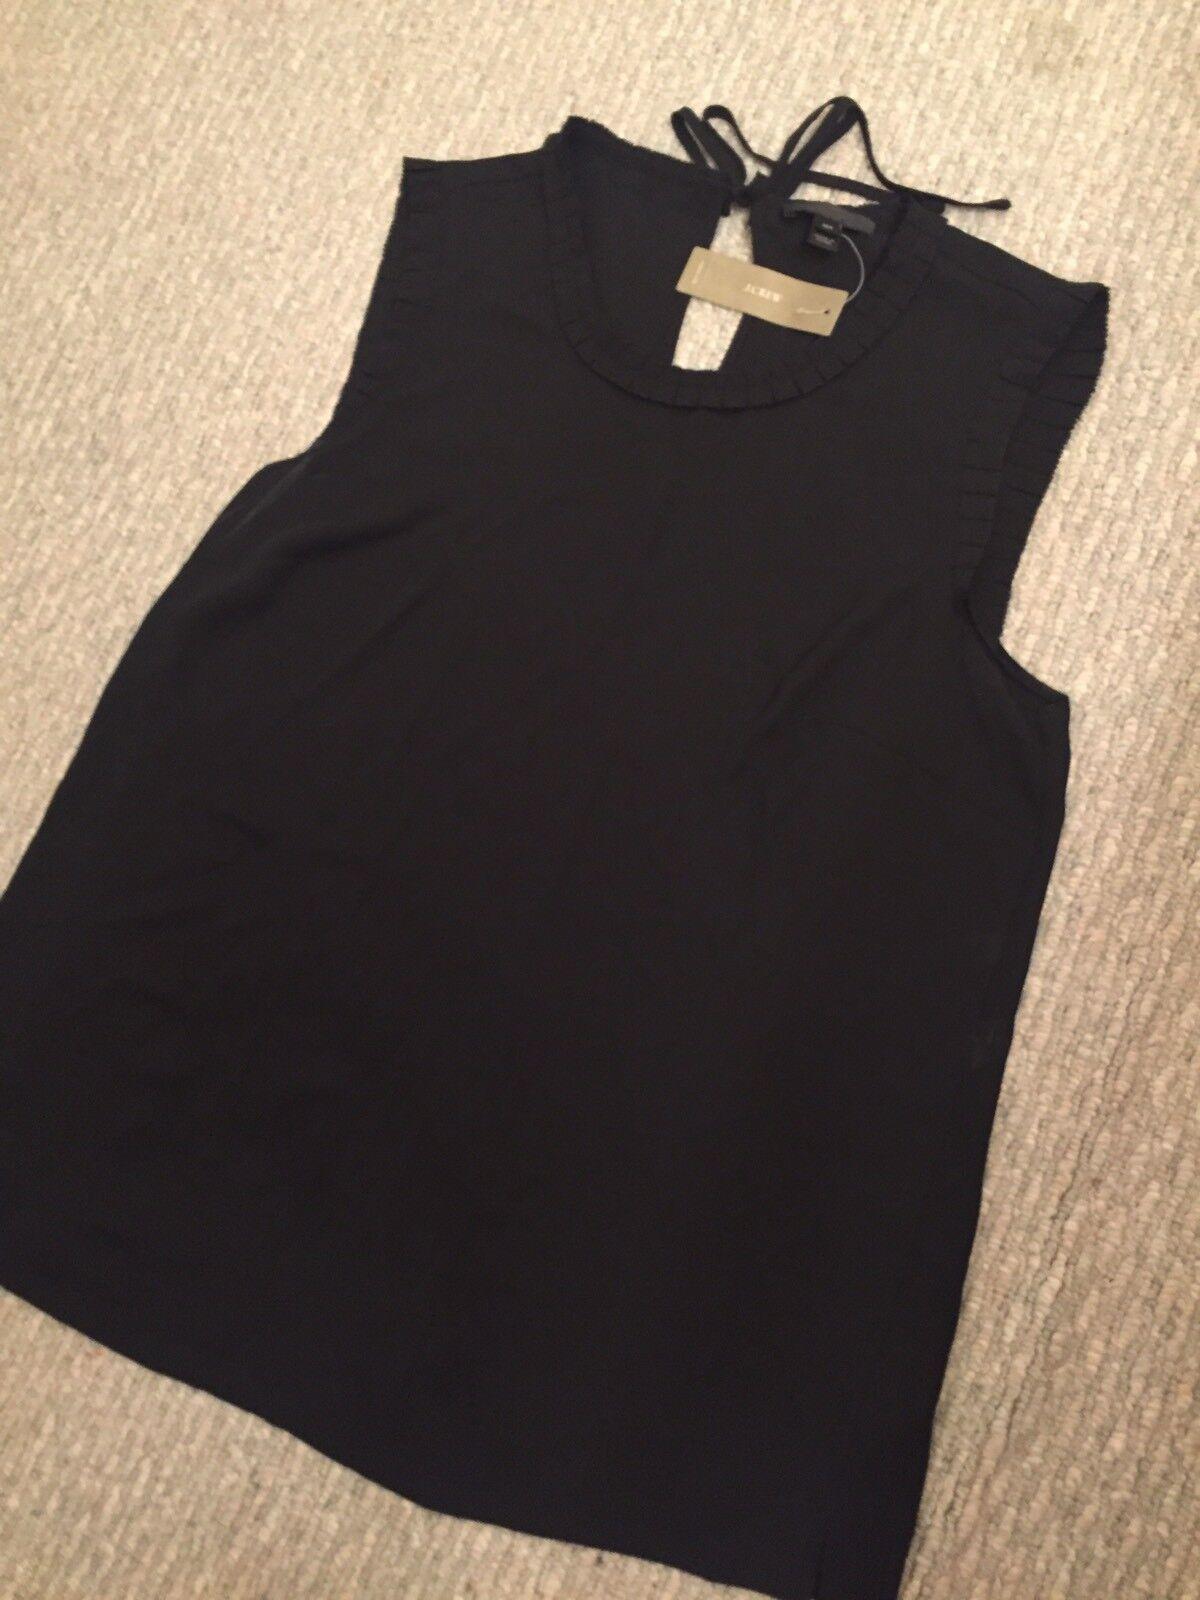 a2e4ca196a3947 New Jcrew Tall ruffle-trim top schwarz 10T SOLD-OUT G2714 drapey  nvxobr2554-Blusen,Tops & Shirts